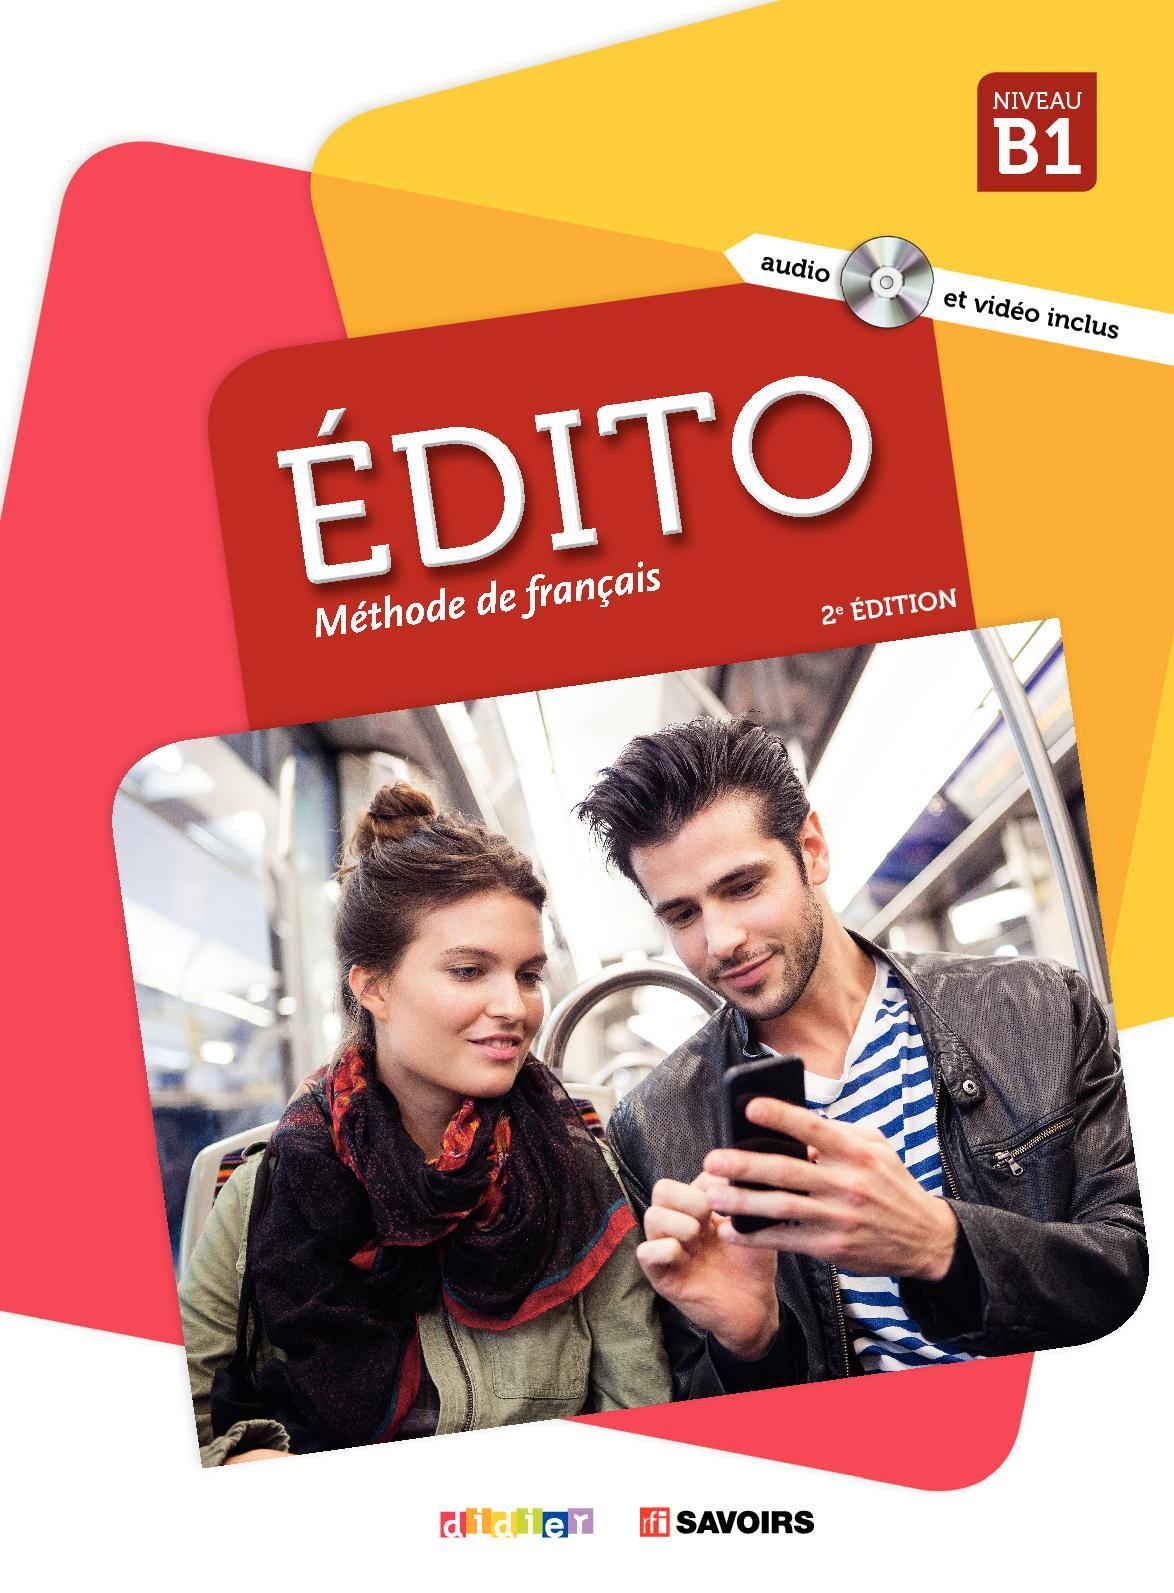 Edito B1 2018 Livre Calameo Downloader